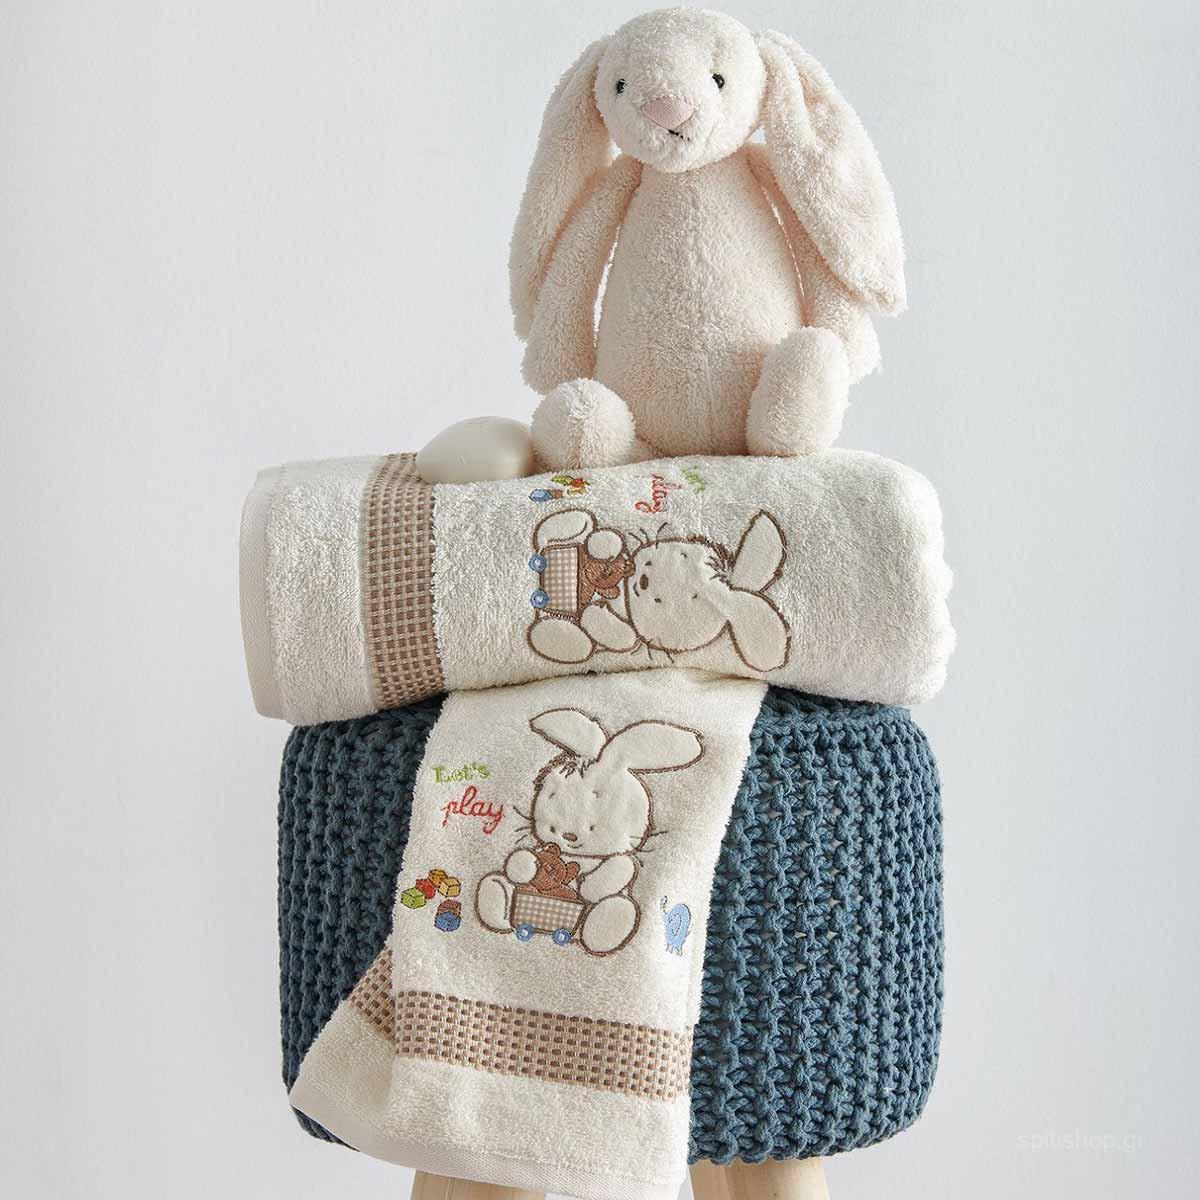 Βρεφικές Πετσέτες (Σετ 2τμχ) Sb Home Bunny Cream